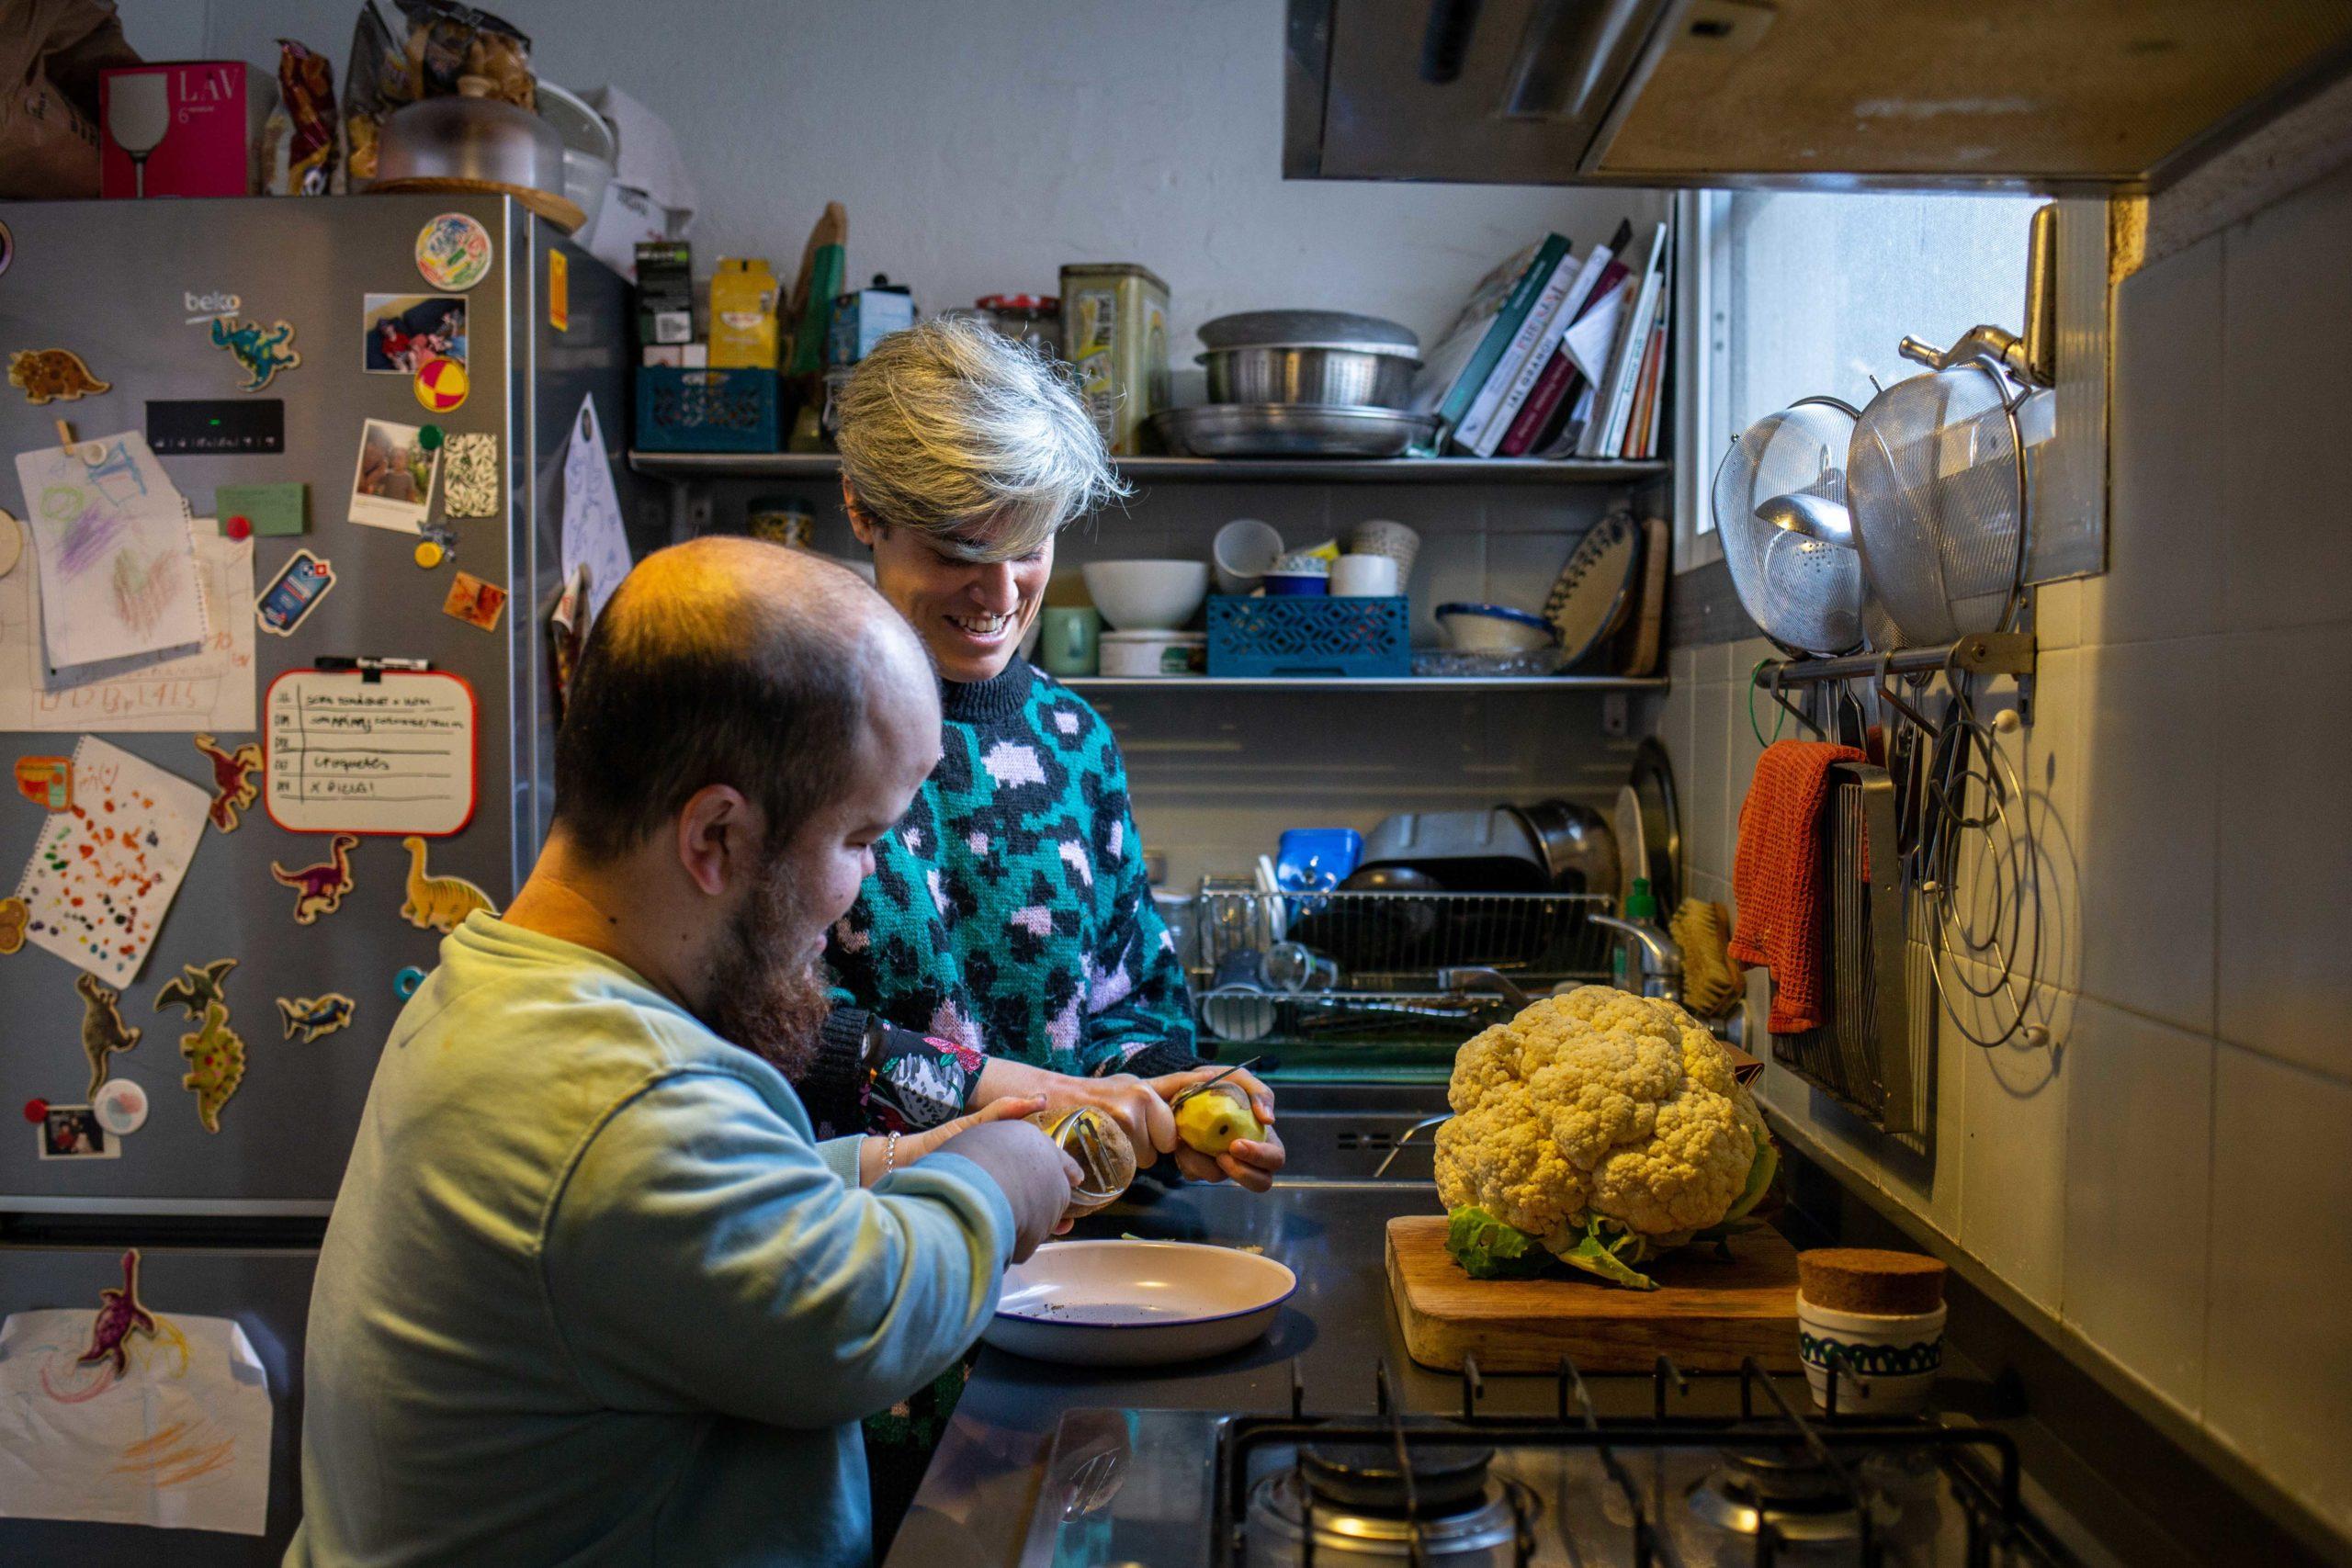 Dues companyes de pis pelant patates a la cuina